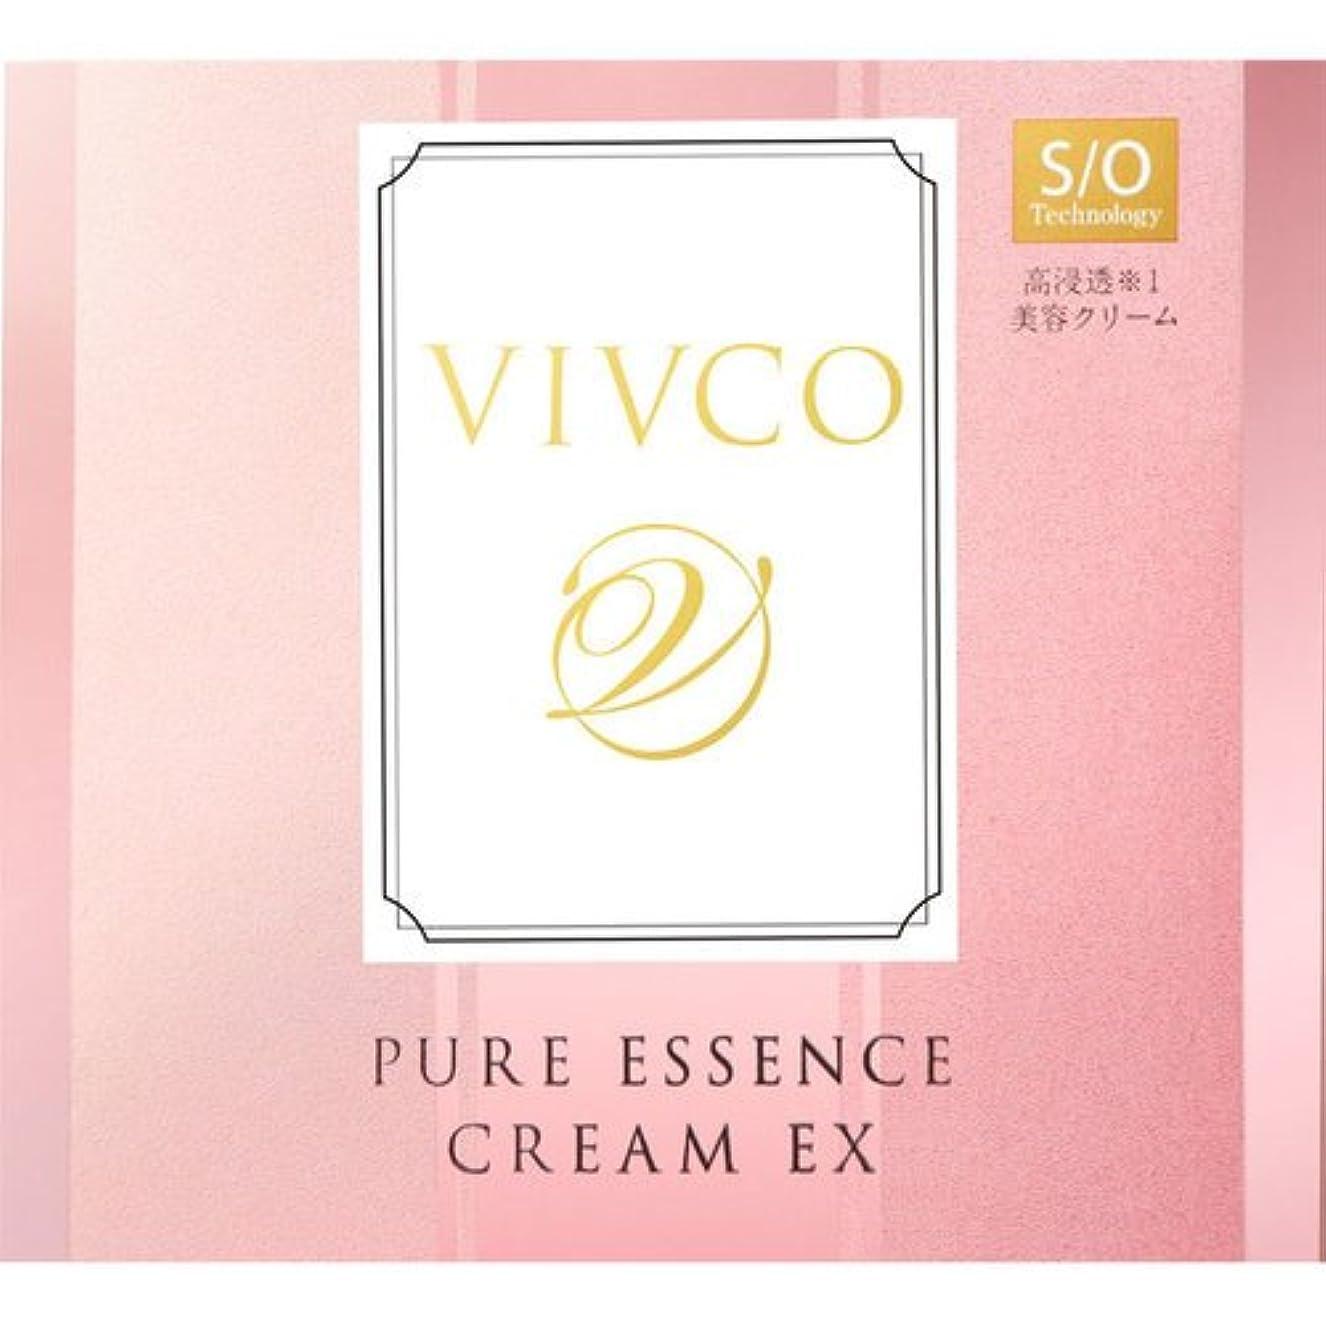 有能なシティ破滅的なVIVCO(ヴィヴコ) ピュアエッセンス クリームEX 60g